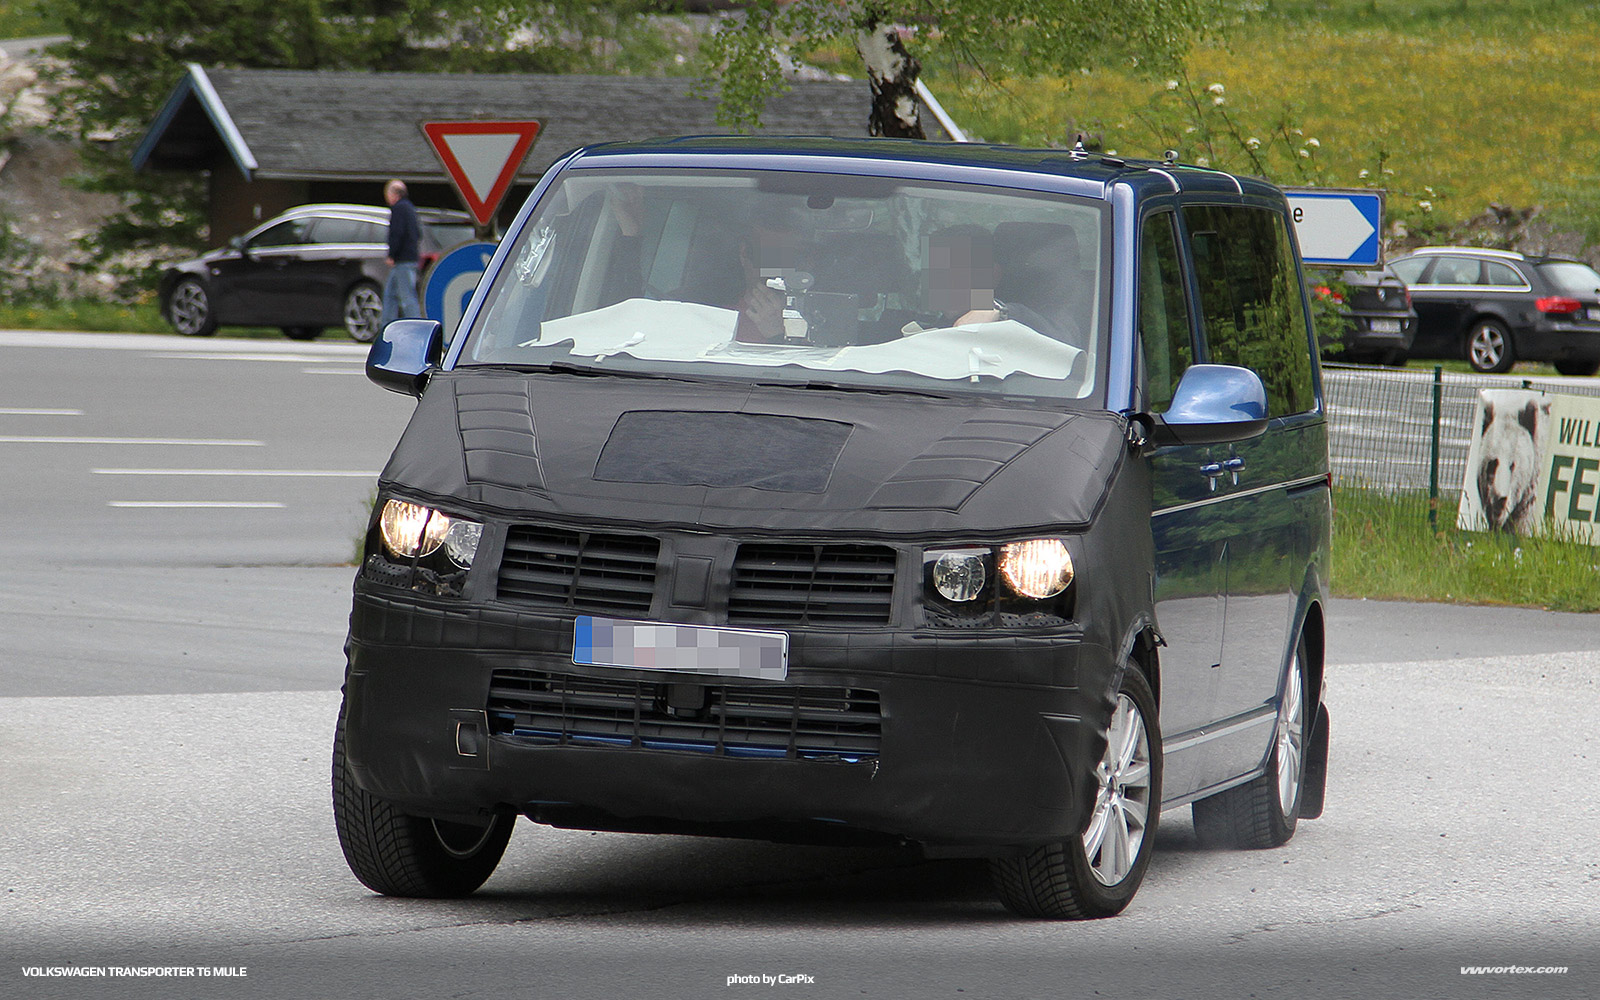 Volkswagen-Transporter-T6-mule-362